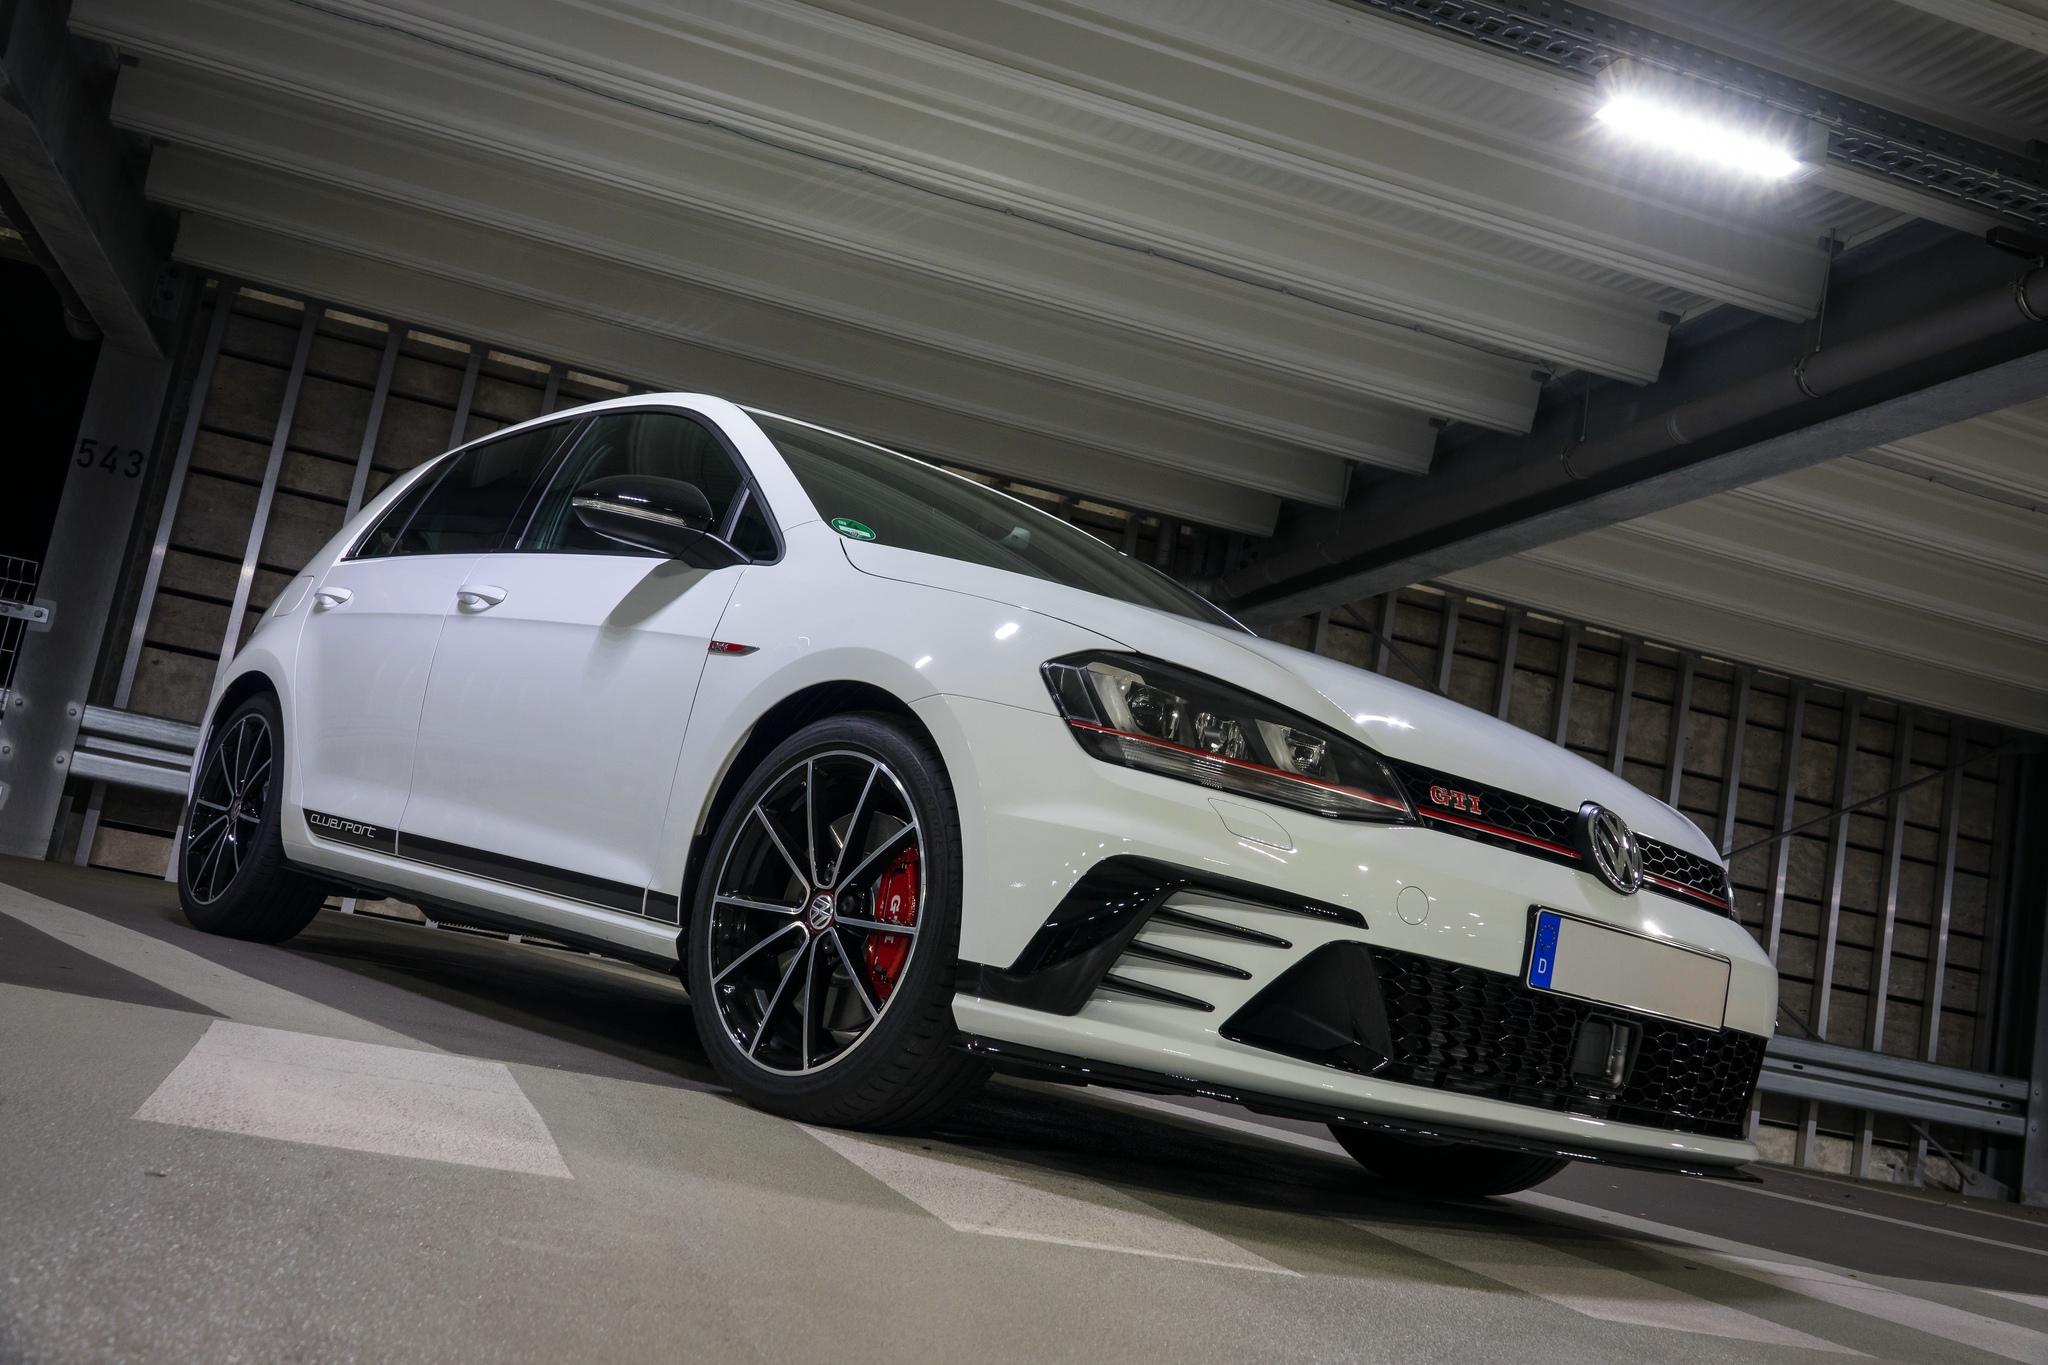 VW Golf 7 GTI Clubsport